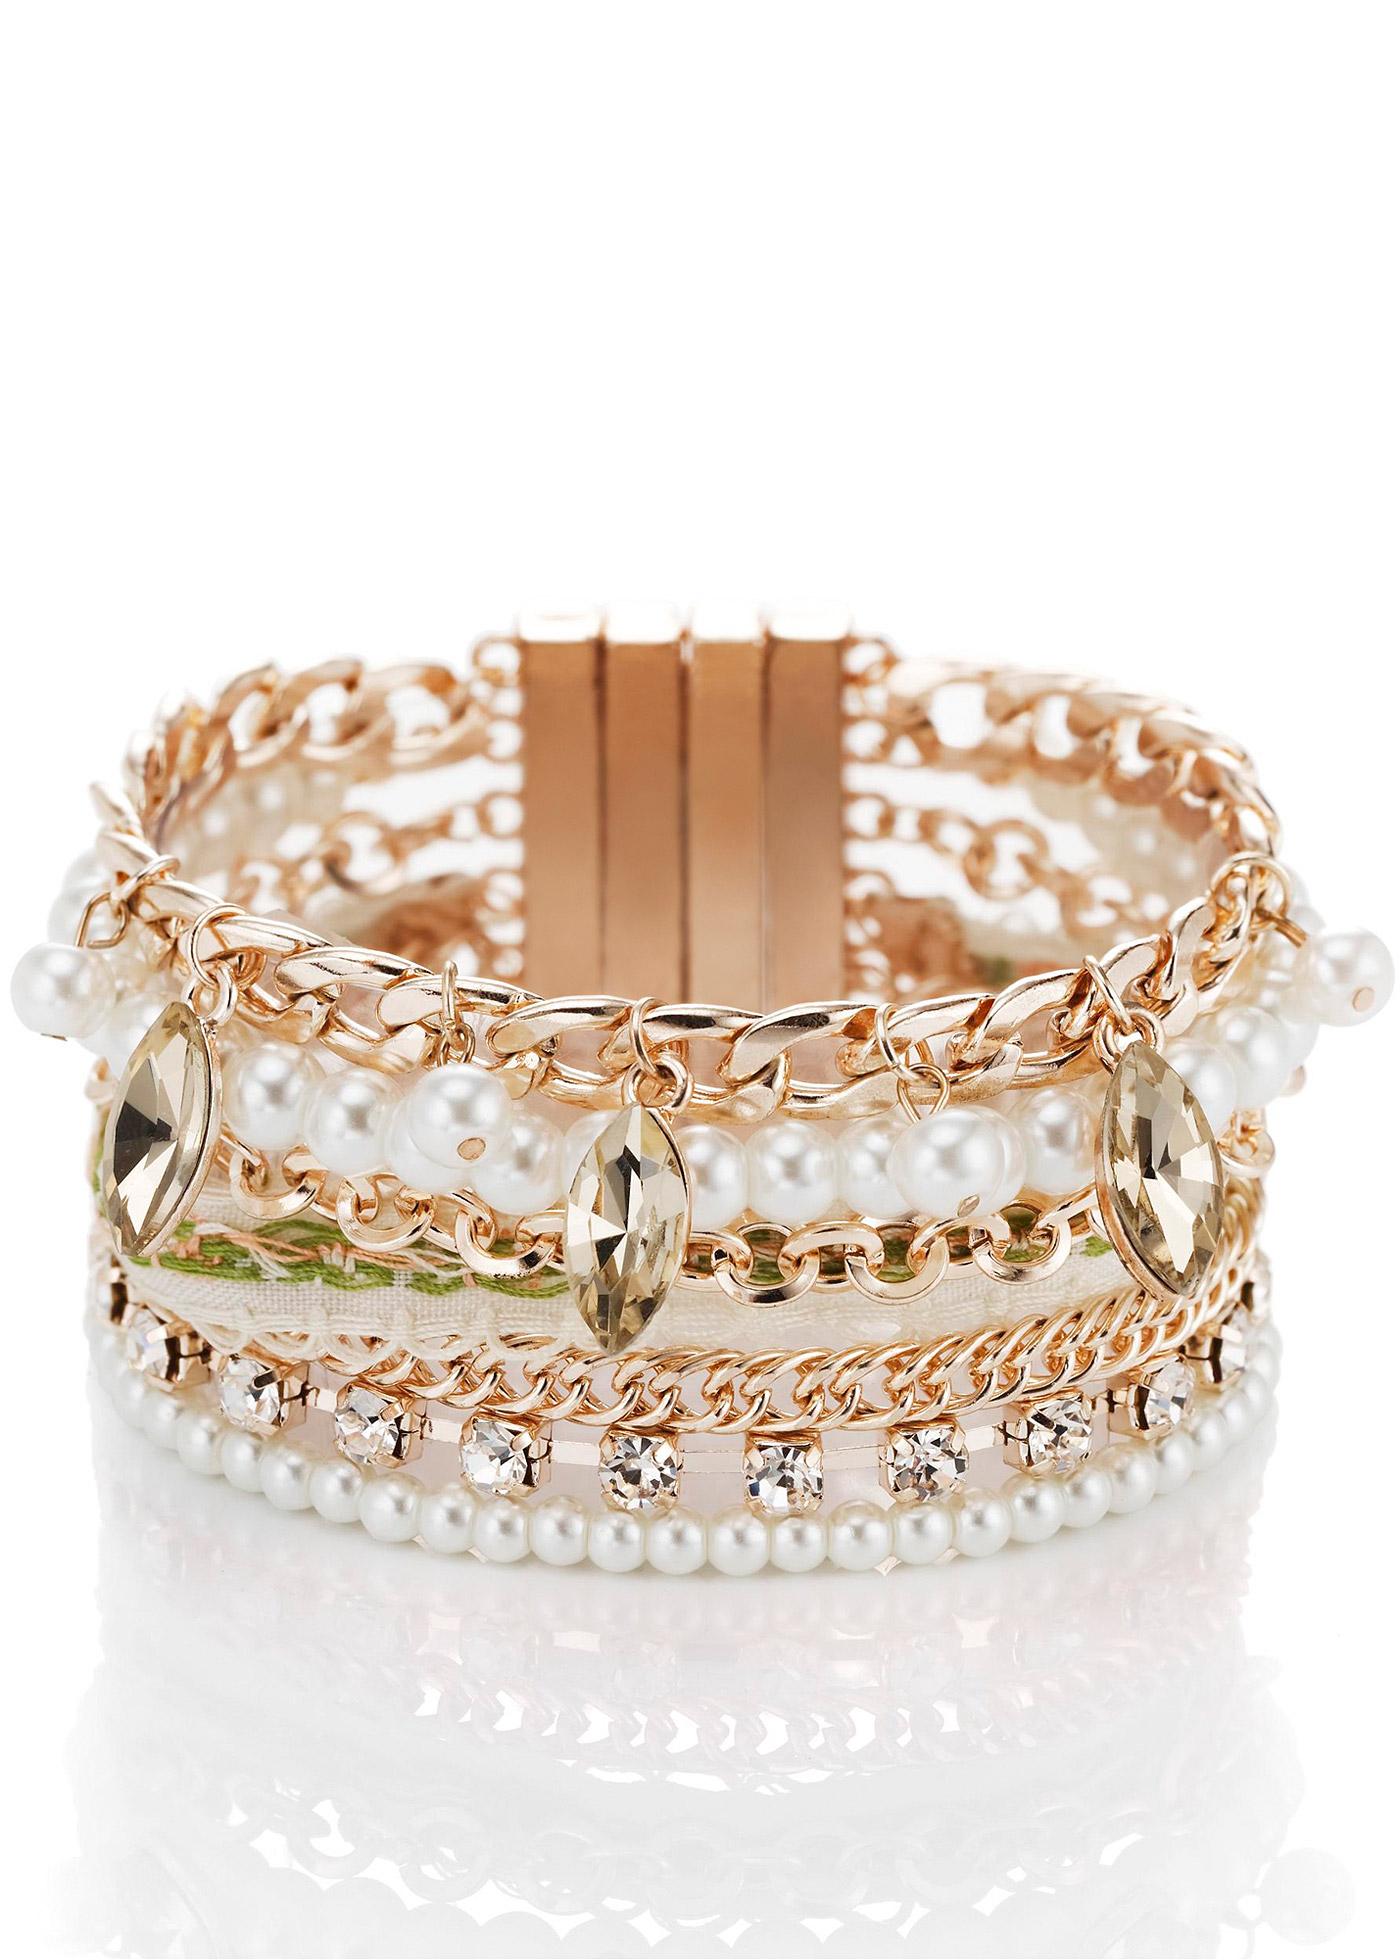 Bracelet élégant de Bodyflirt alternant perles fantaisie et éléments métalliques. Aimants amovibles pour régler la longueur du bracelet.